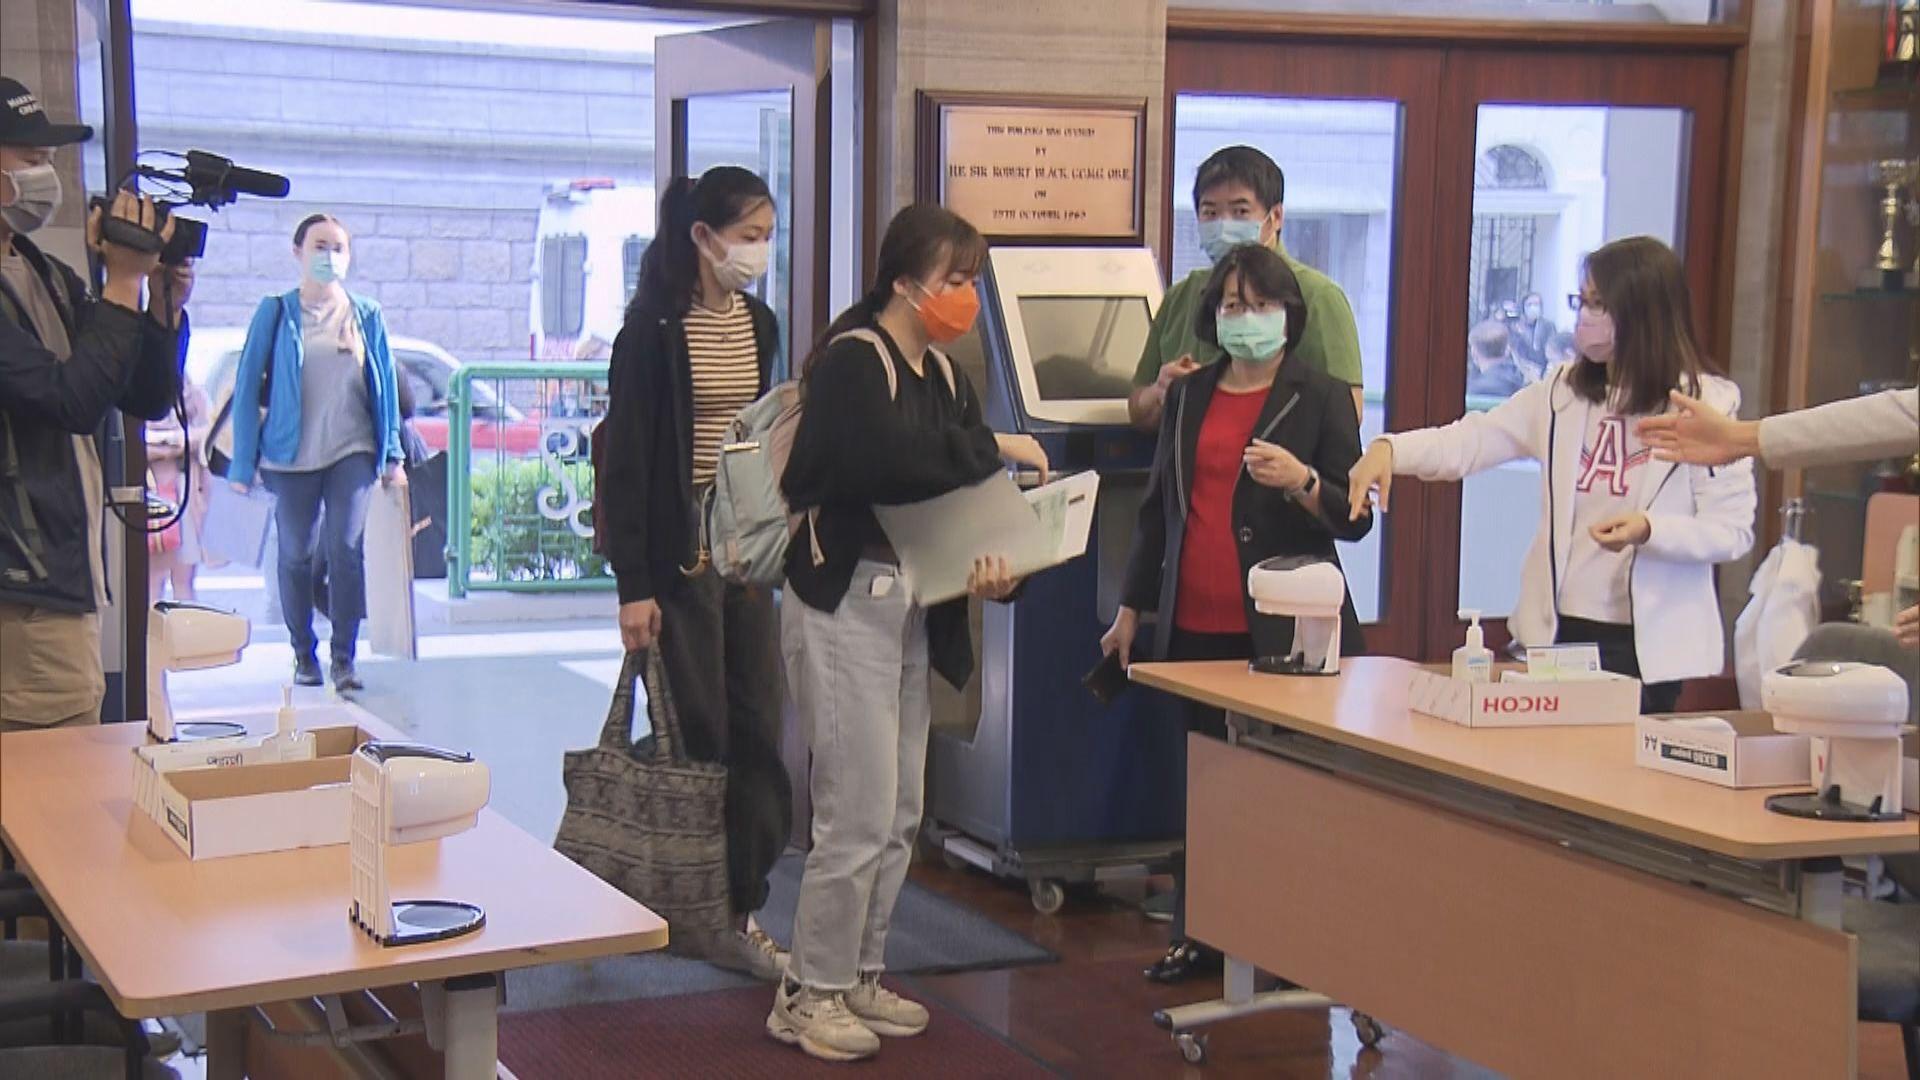 文憑試開考 有考生提早個多小時抵試場